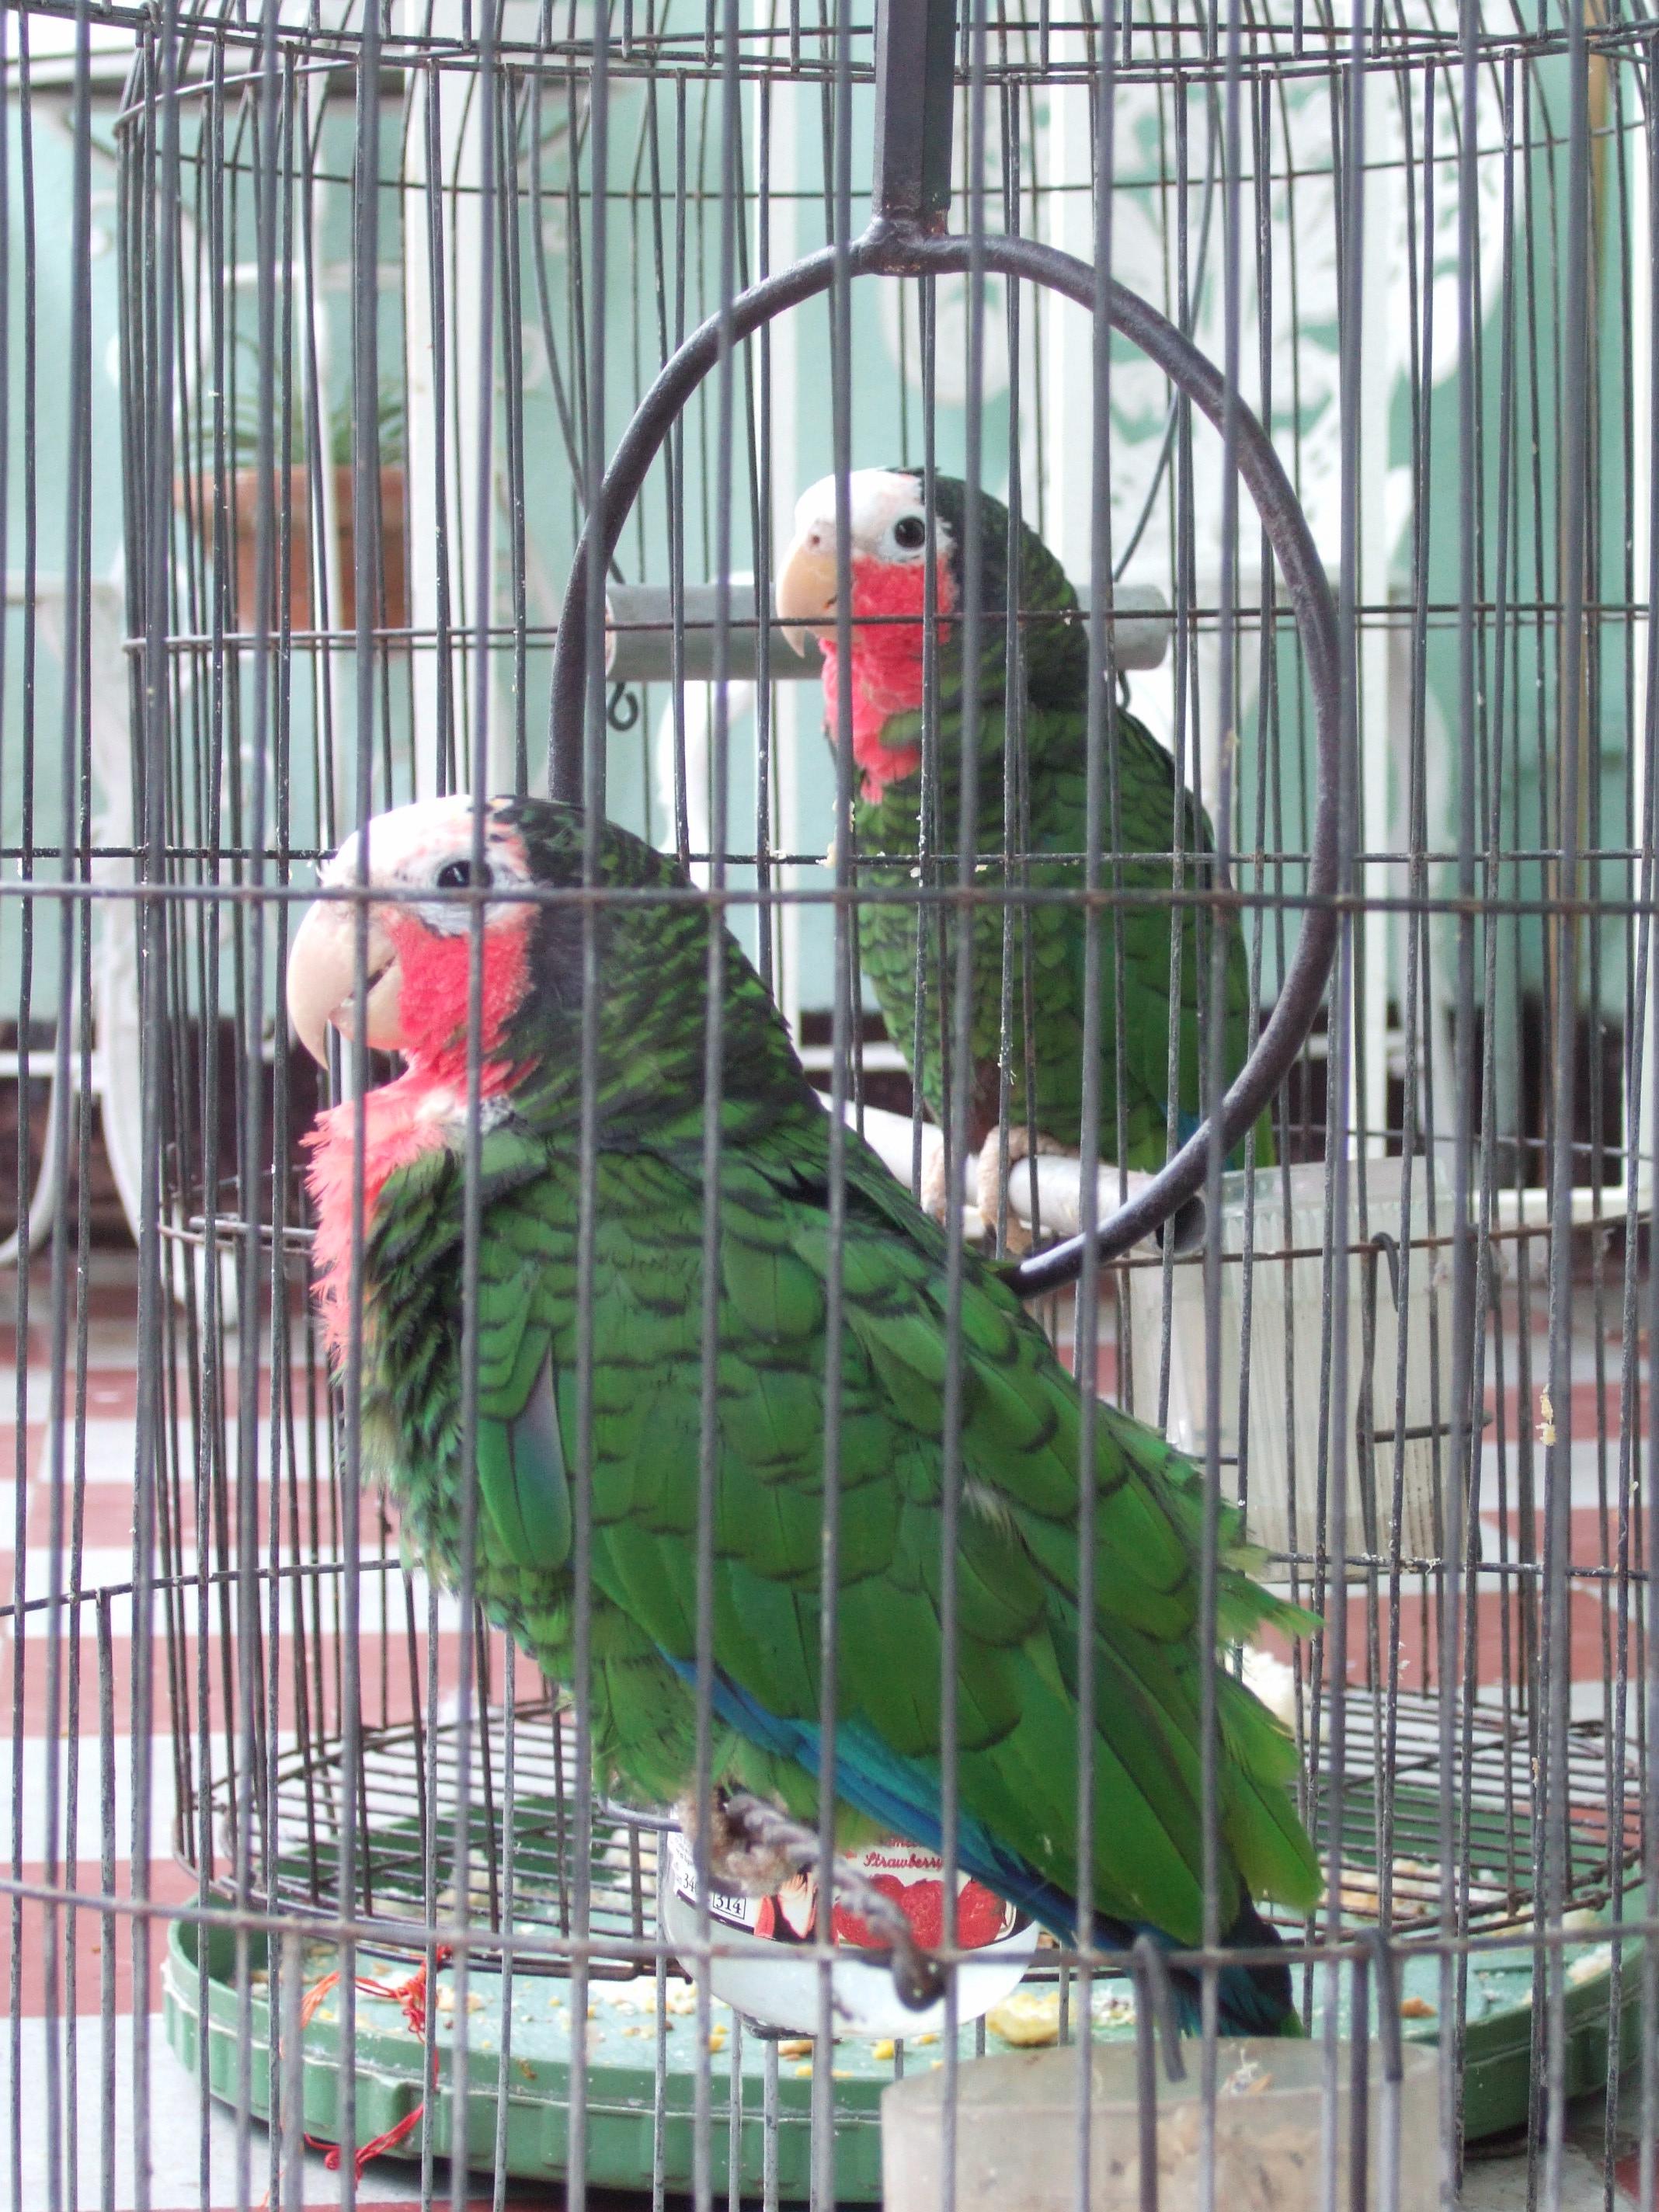 Resultado de imagen para bird in cage